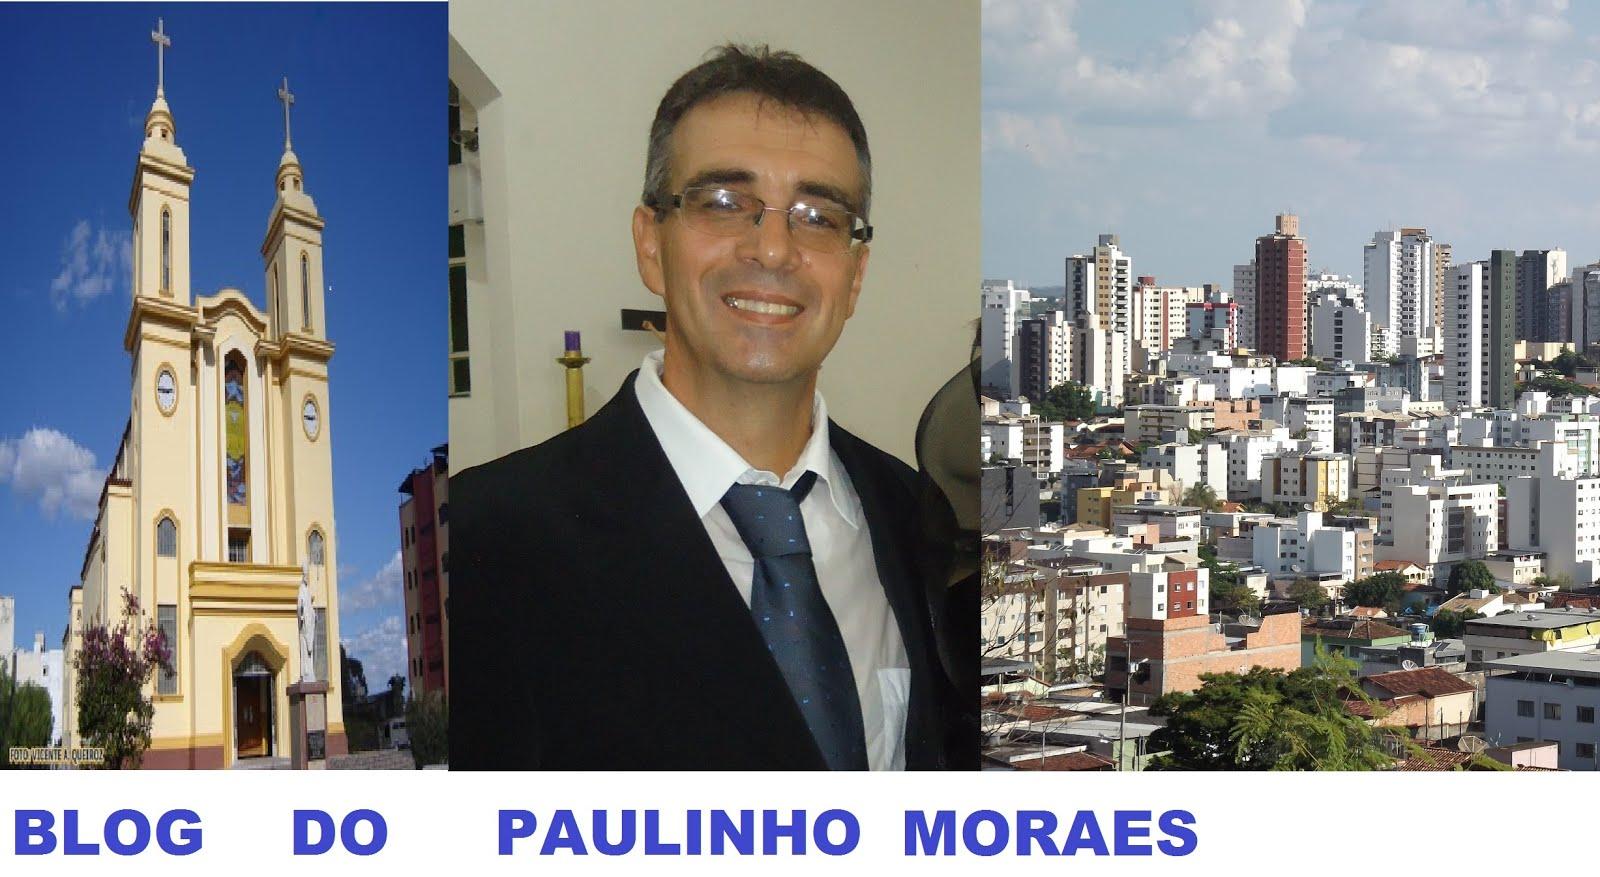 Paulinho Moraes